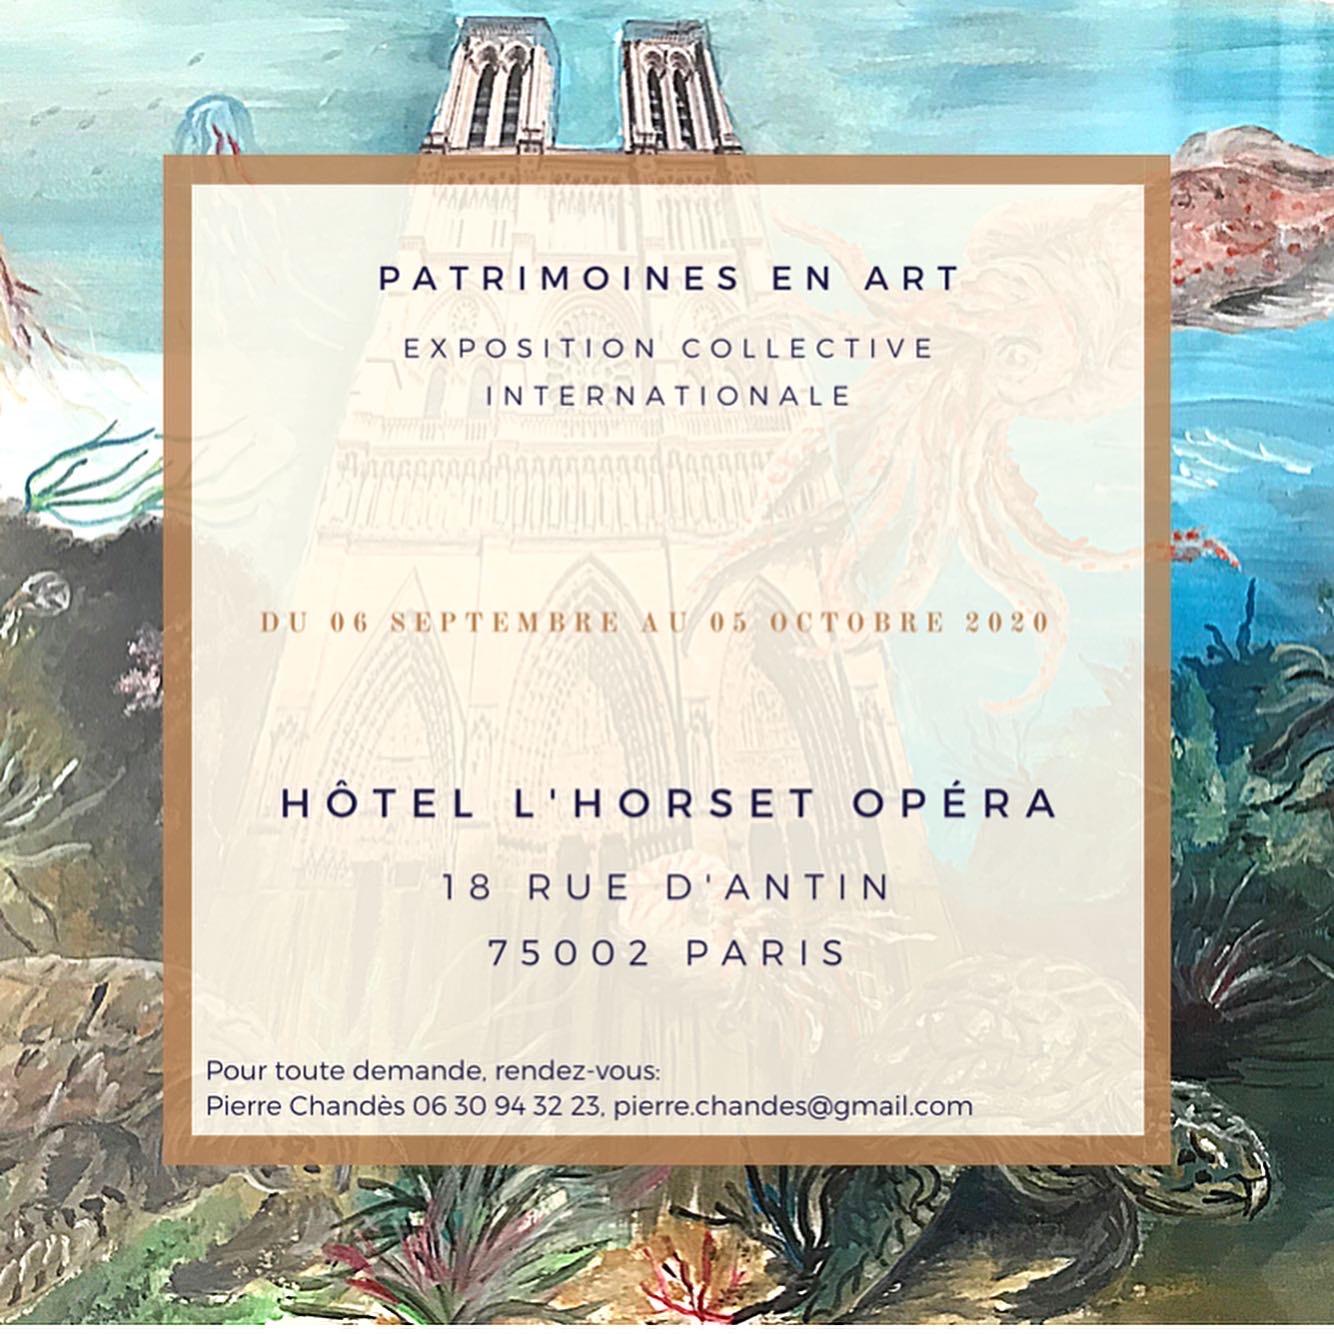 Hôtel Horset Opéra